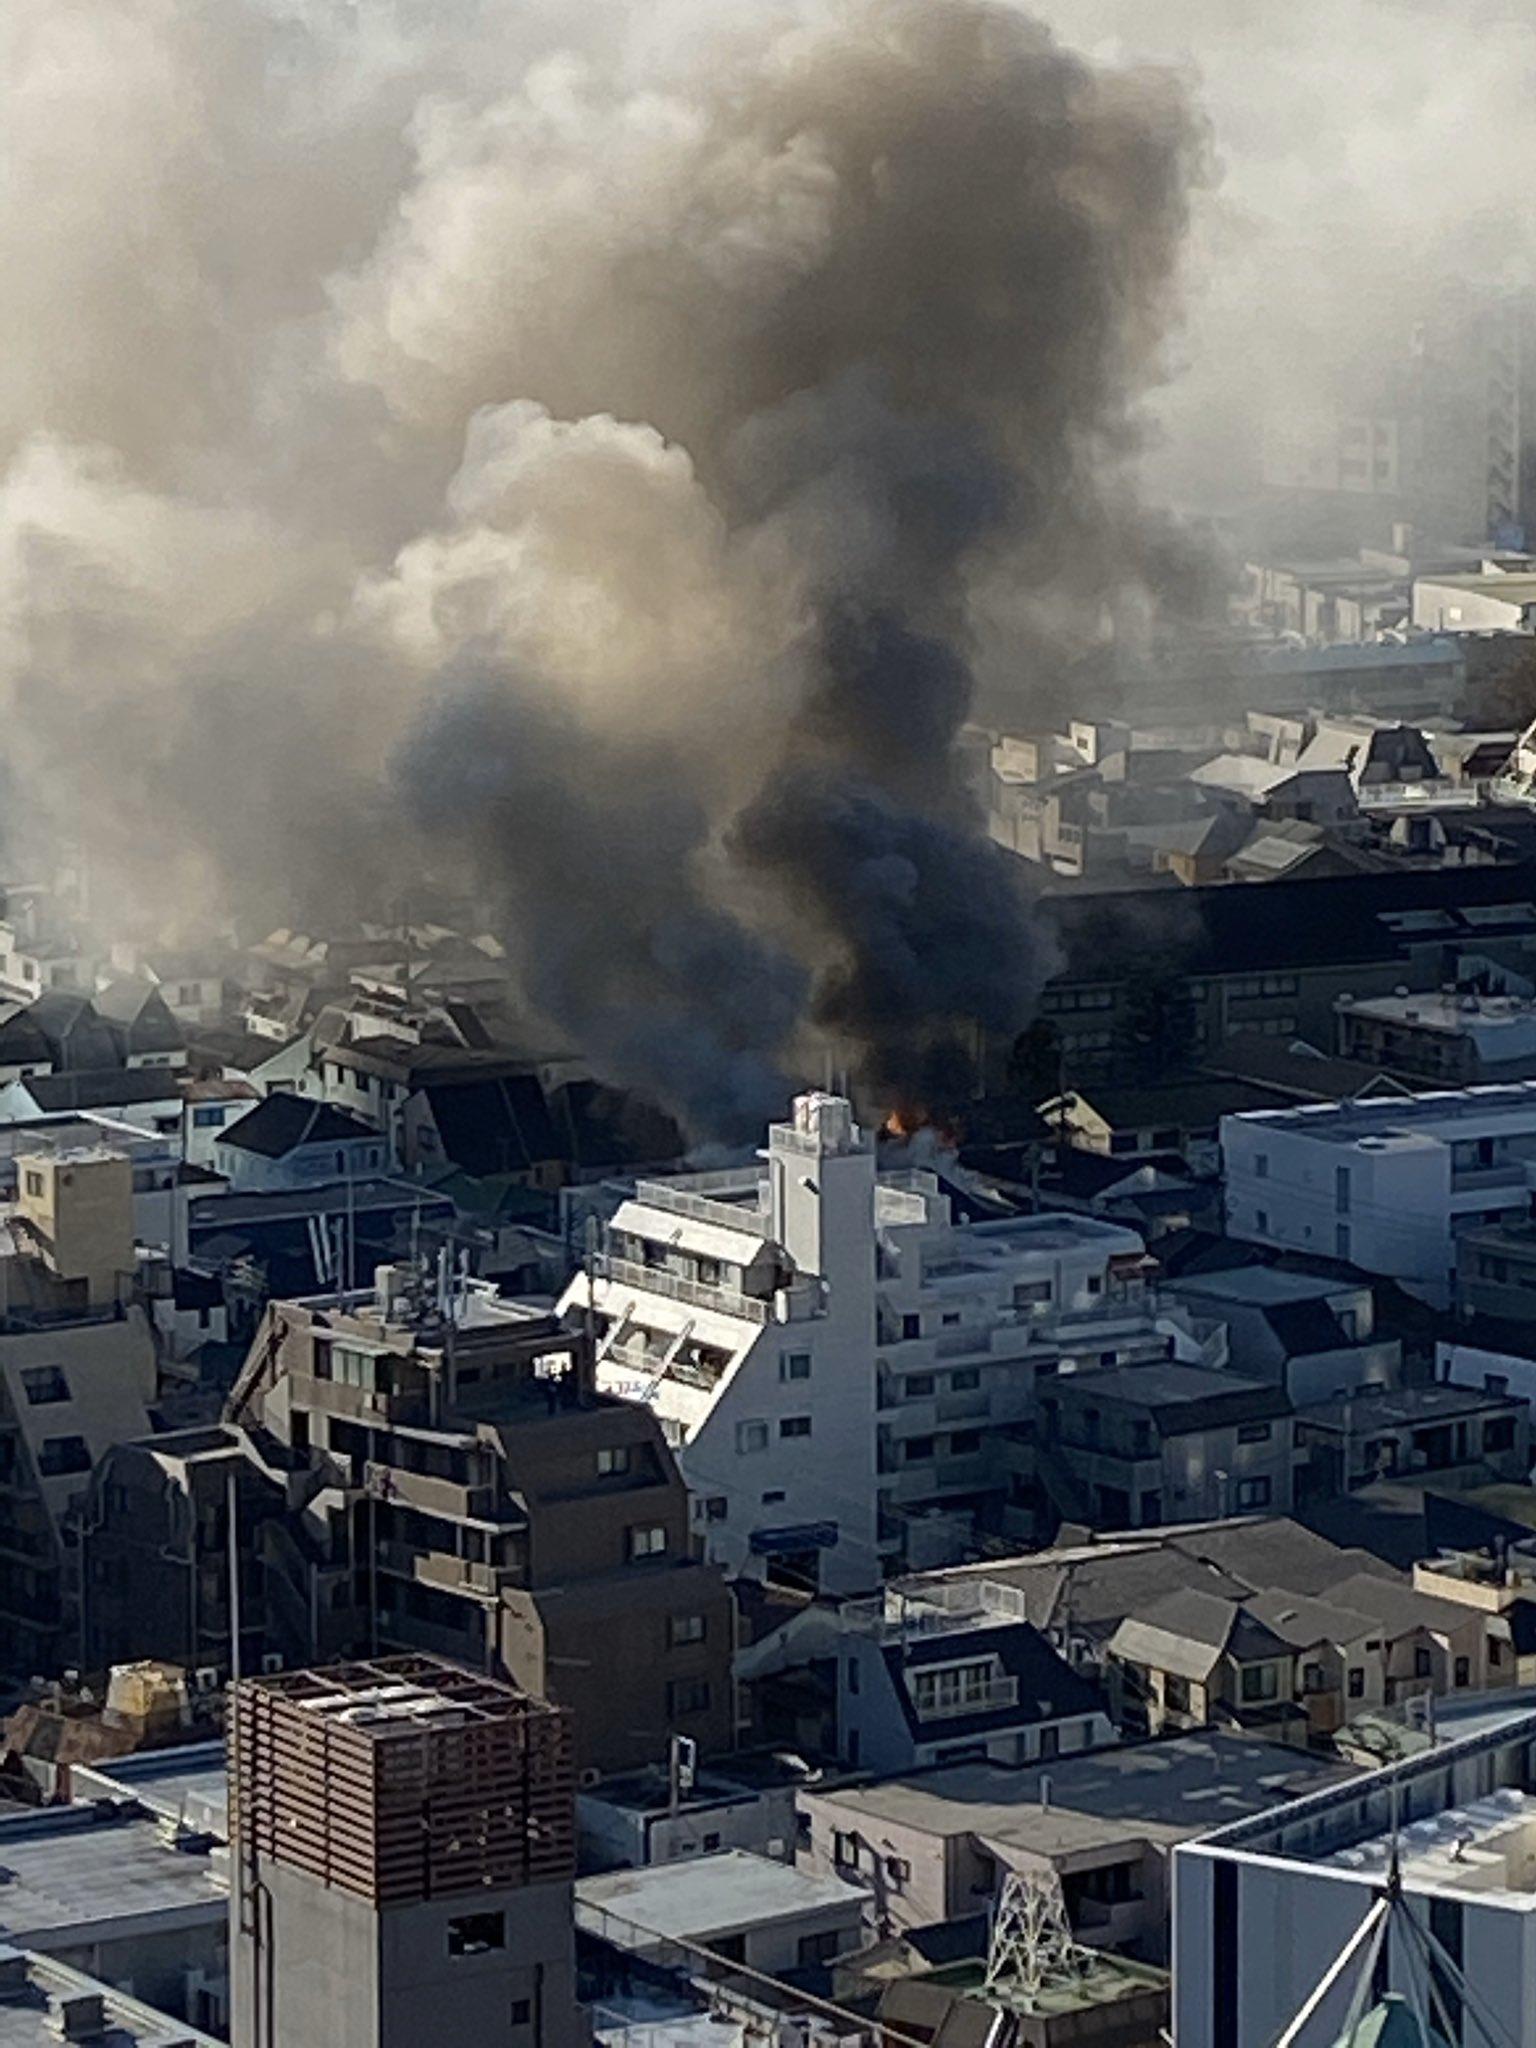 新宿の大規模火災で大量の黒煙が立ち上っている画像